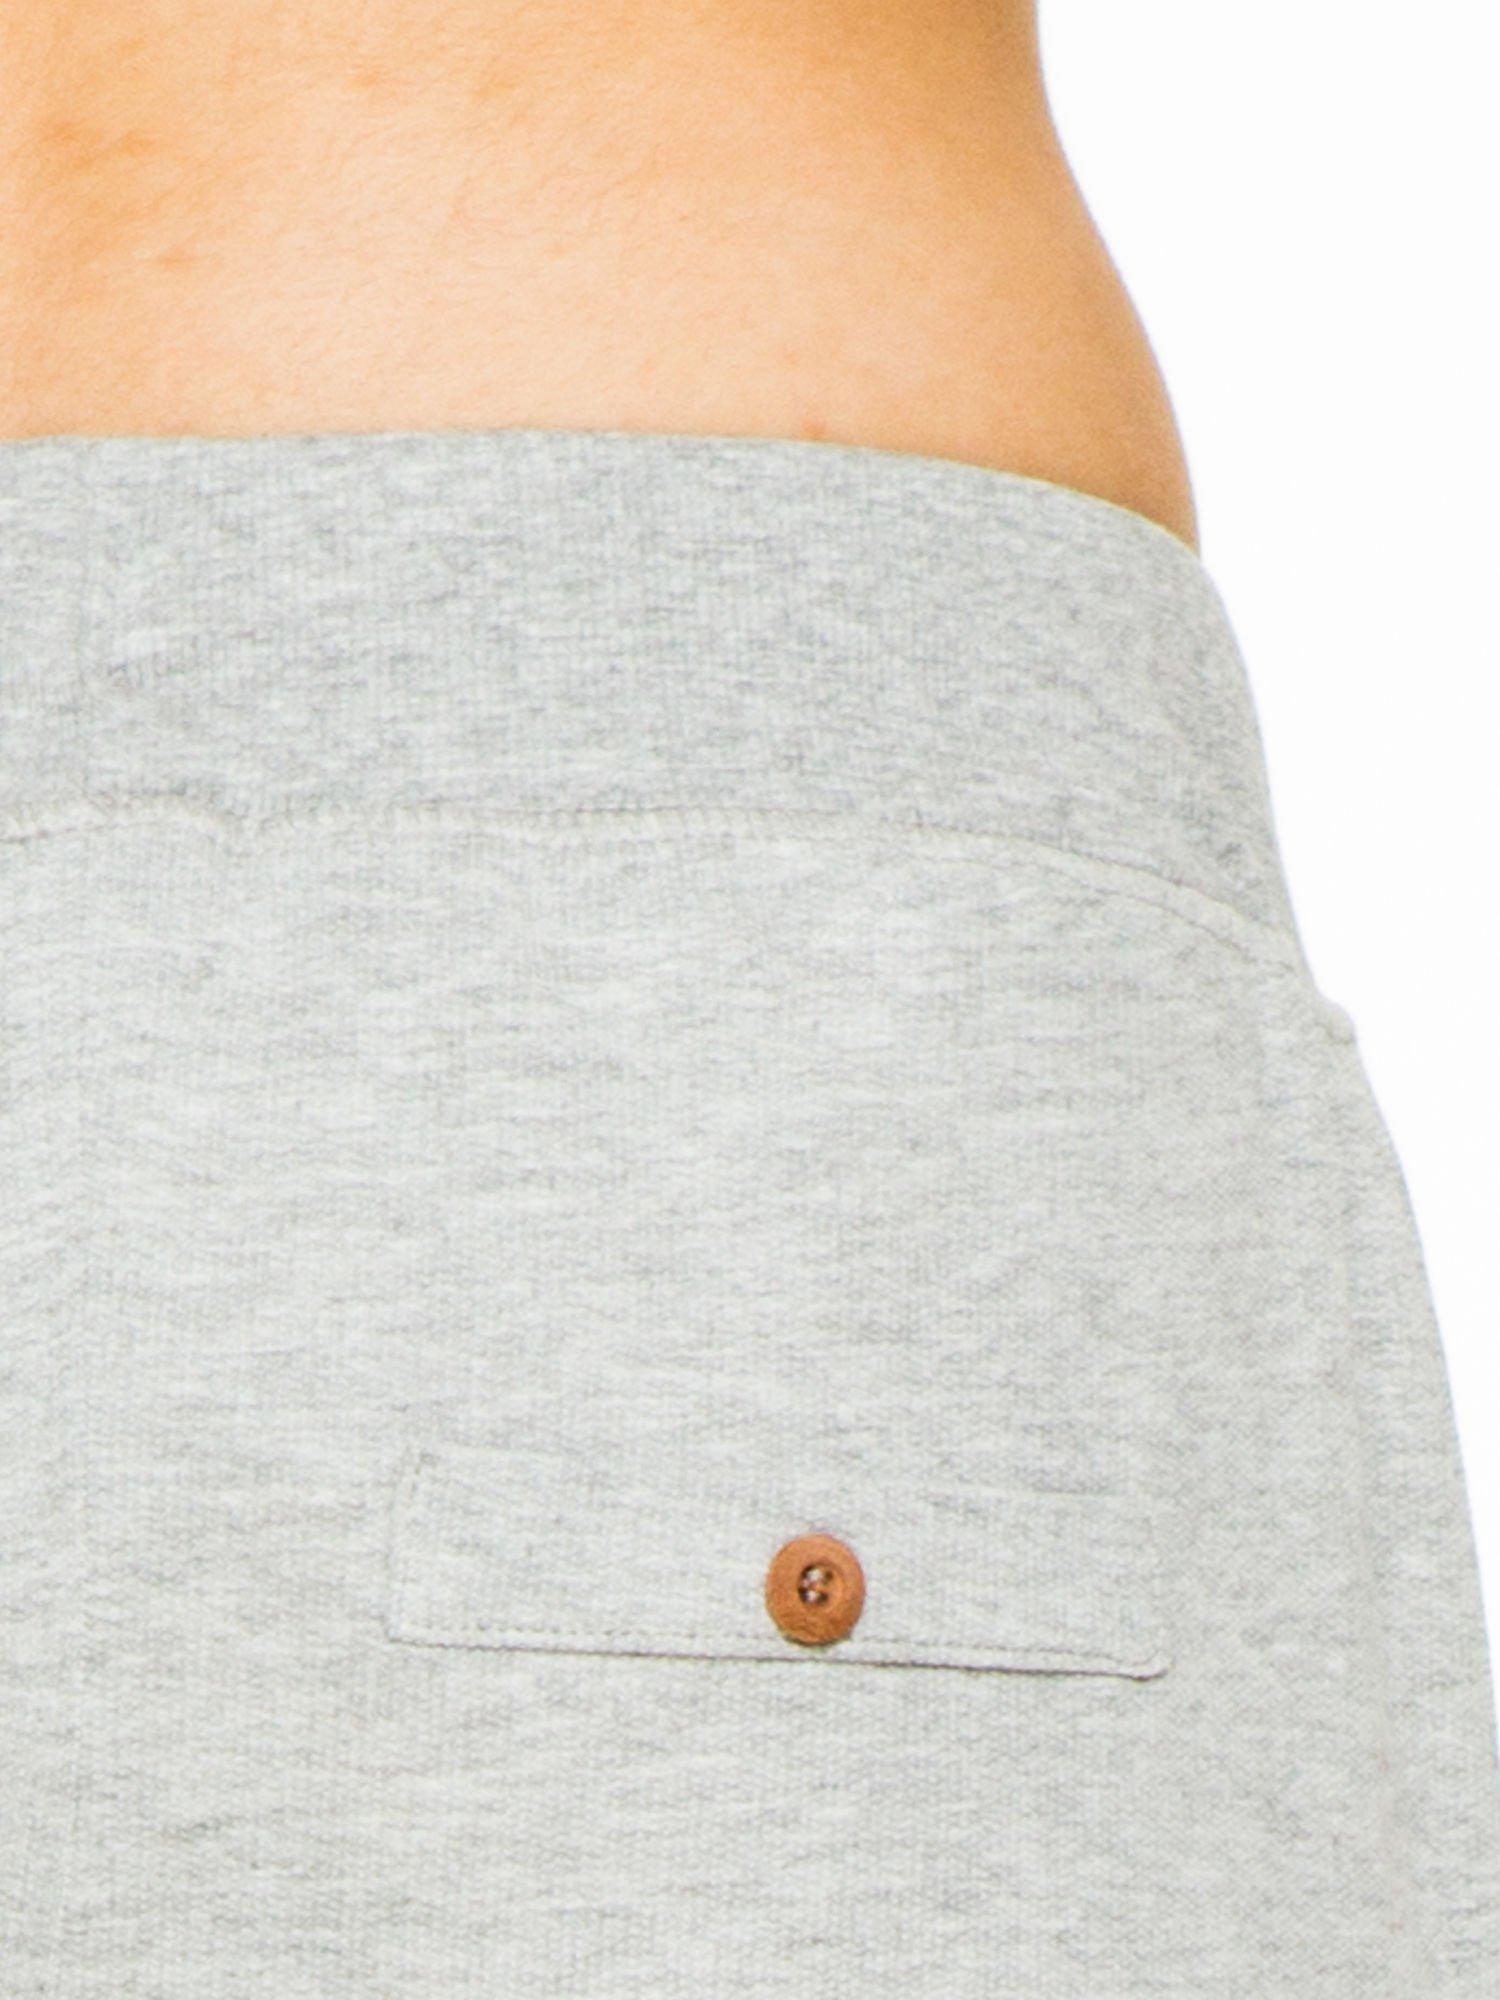 Jasnoszare spodnie dresowe z guzikami wiązane w pasie                                  zdj.                                  5